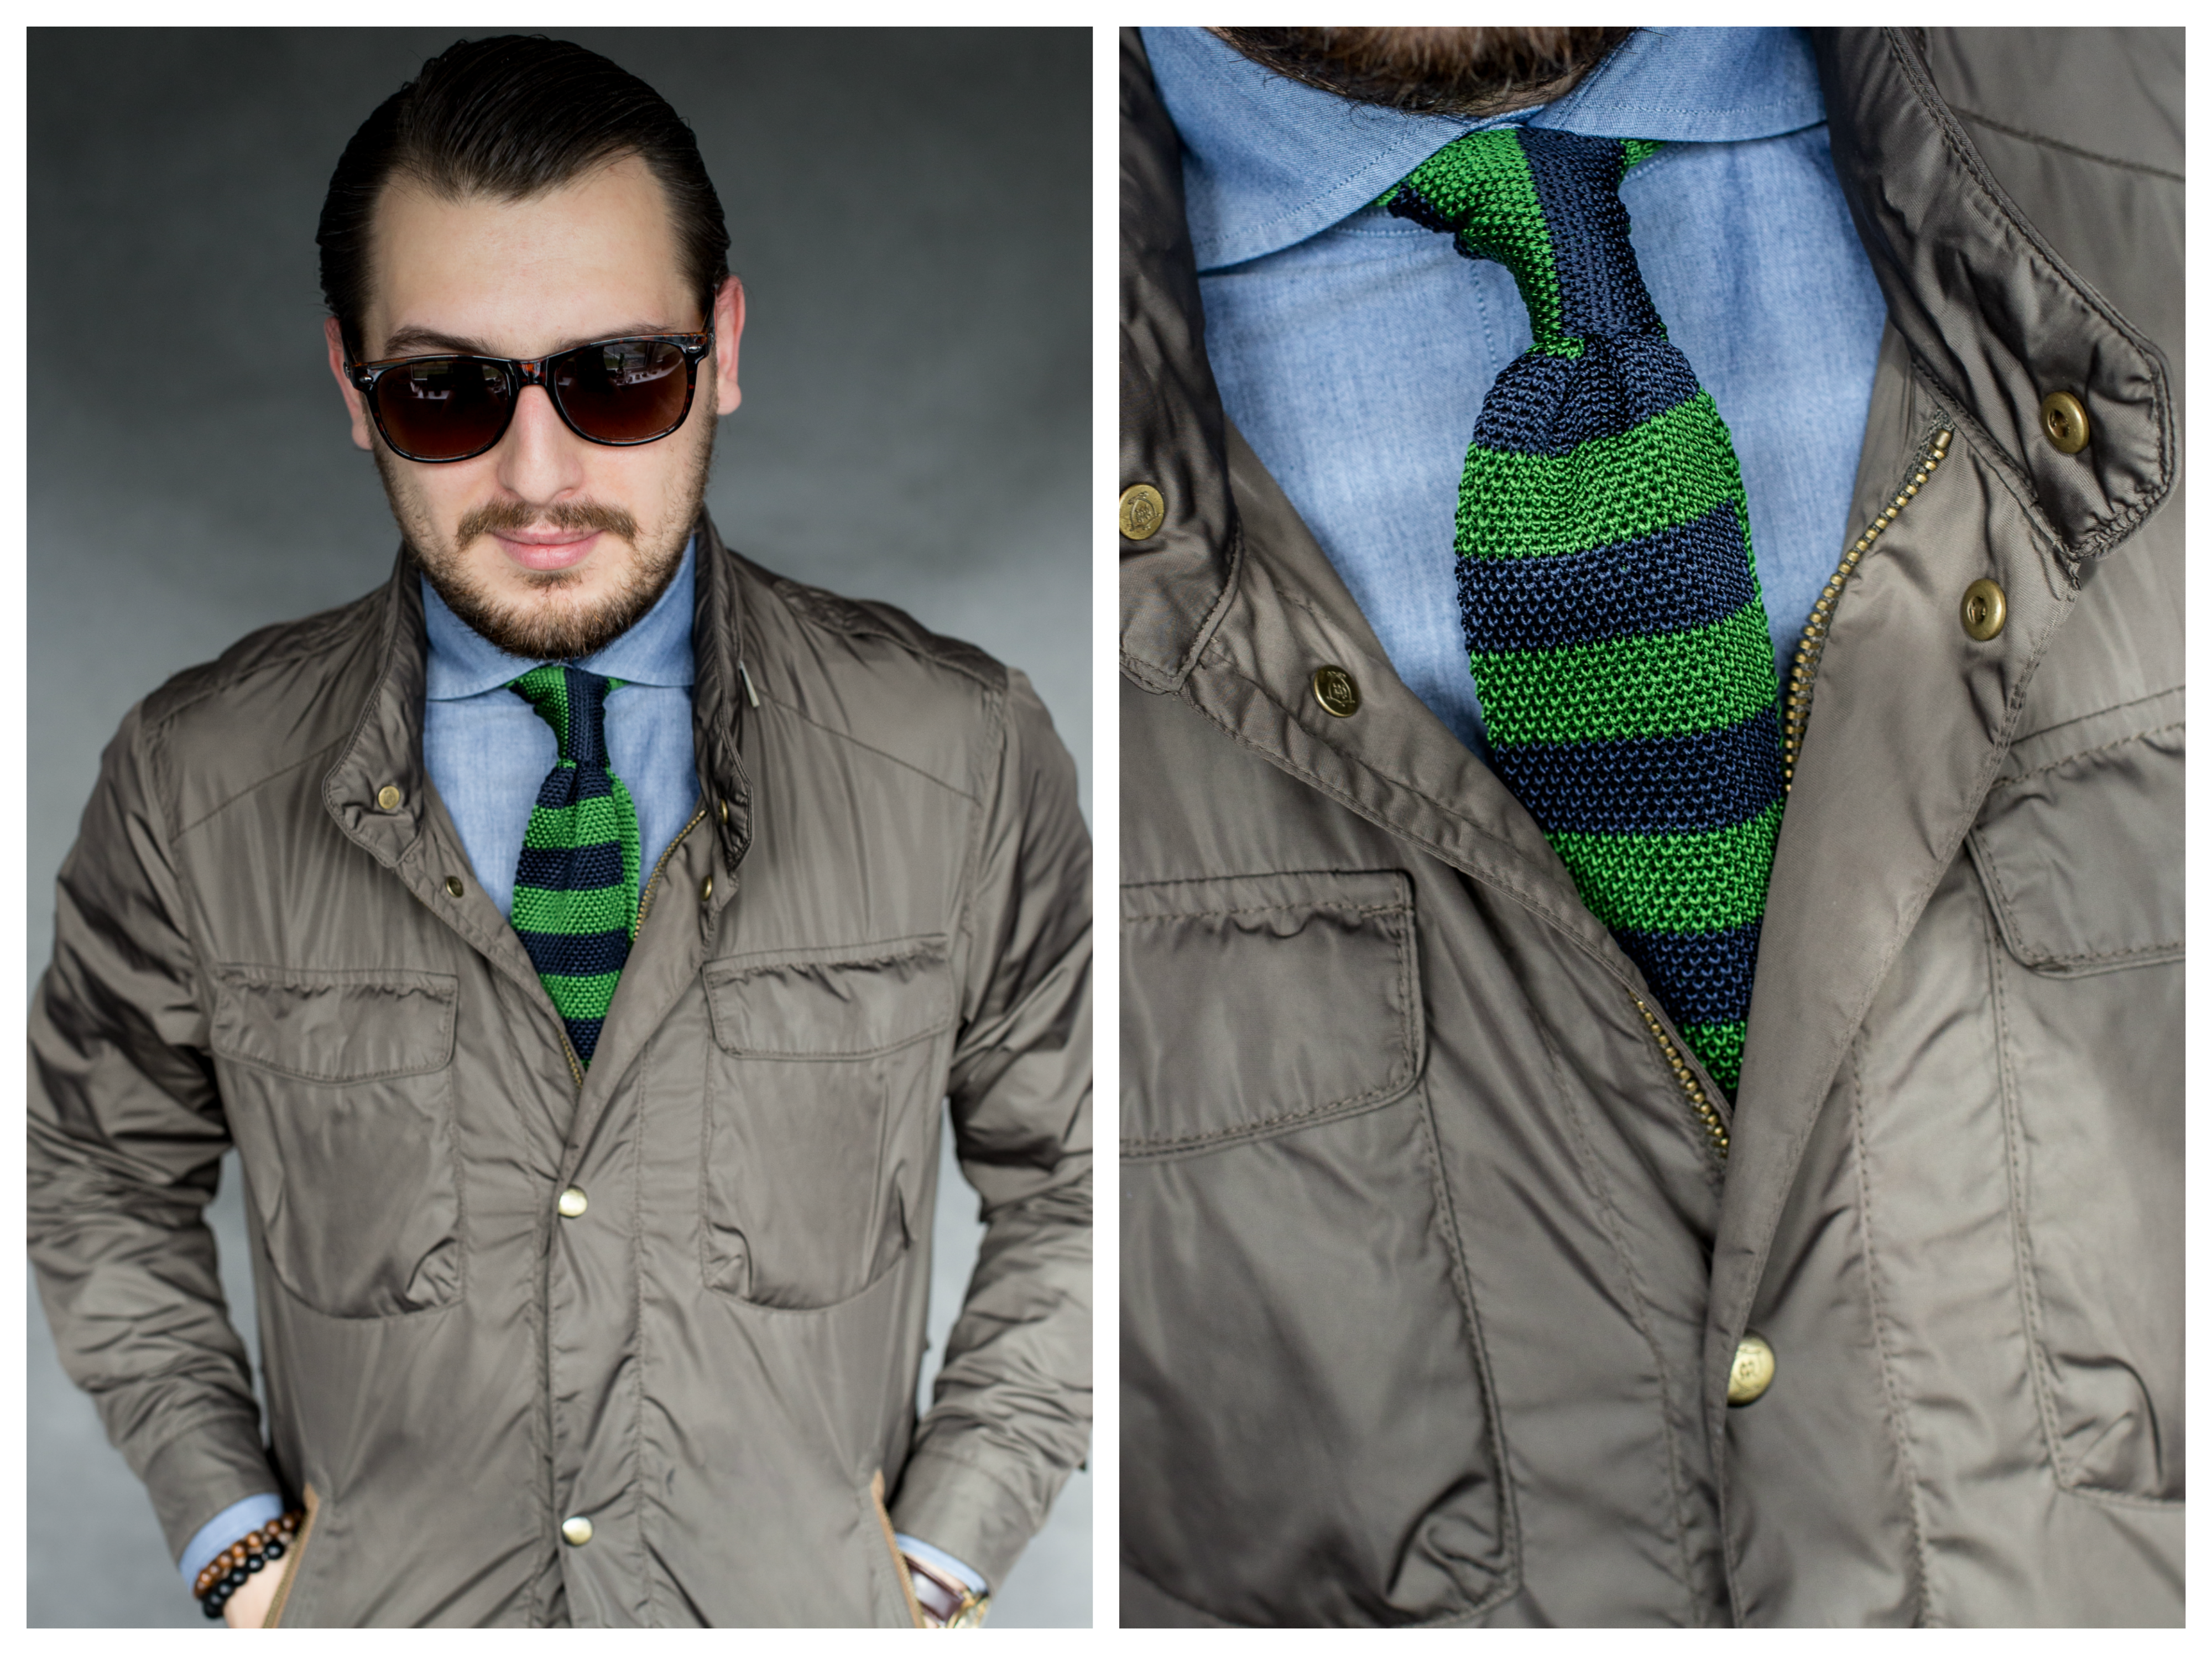 36fb5d5d36757 Knit - najlepszy krawat na początek   Dandycore